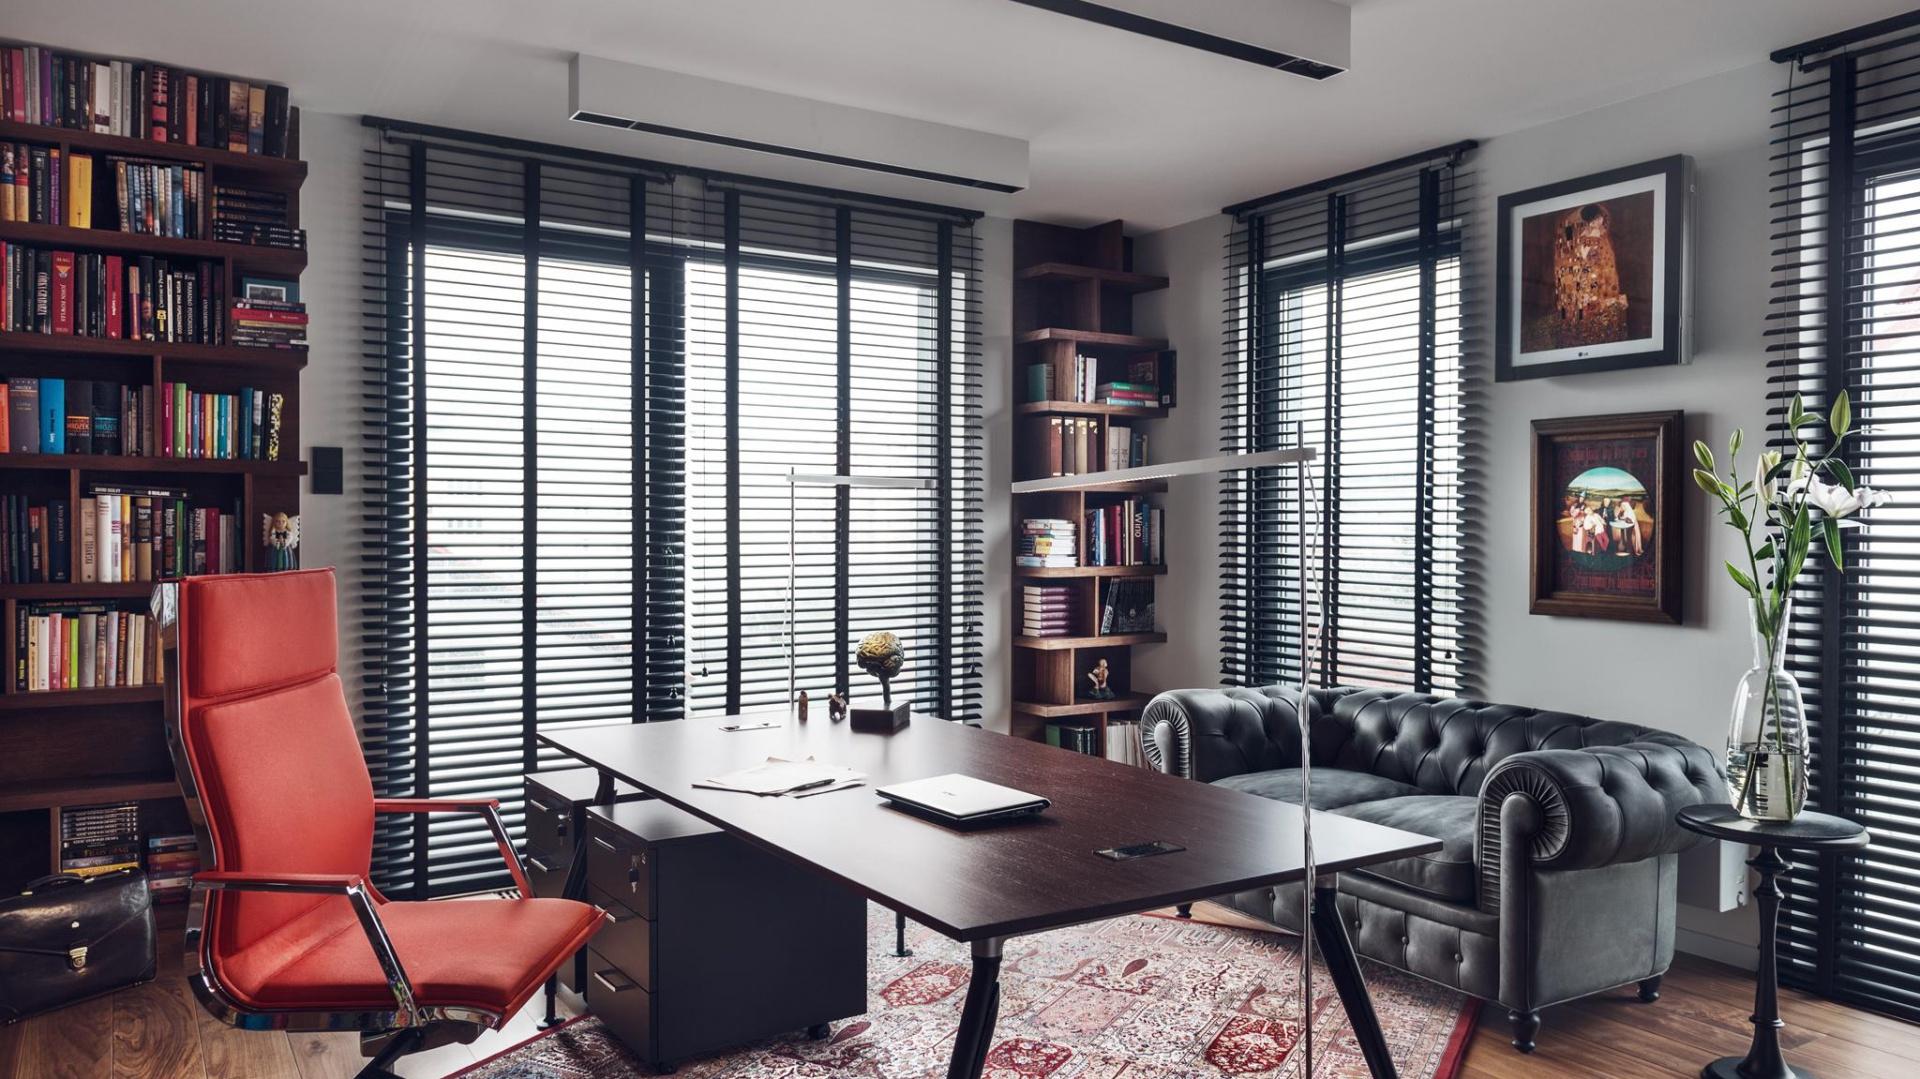 W apartamencie wyraźne jest podzielenie funkcji pomieszczeń, służących do pracy i do wypoczynku. Fot. Tomirri Photography